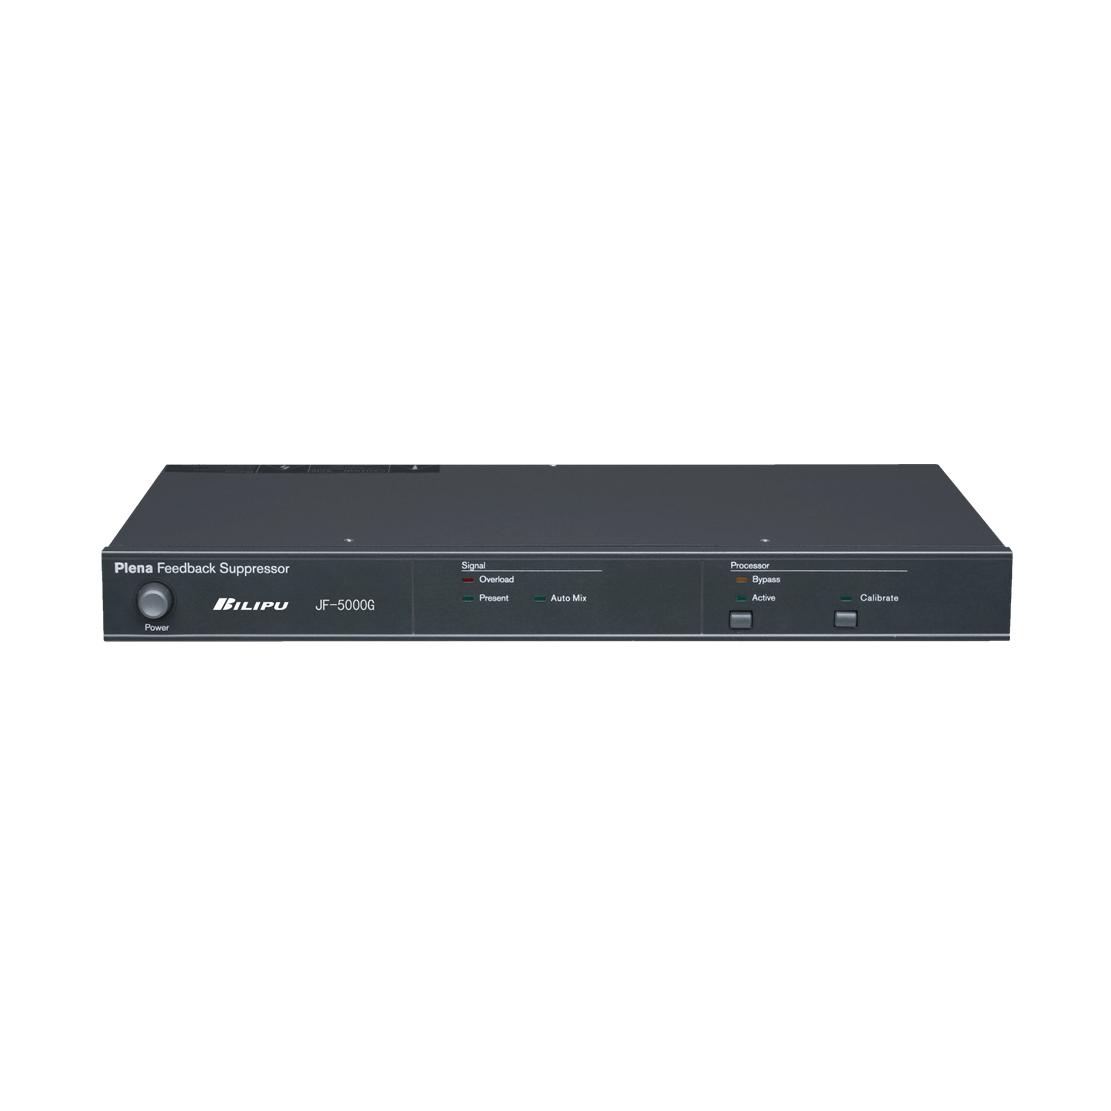 JF-50000G 数字反馈抑制器